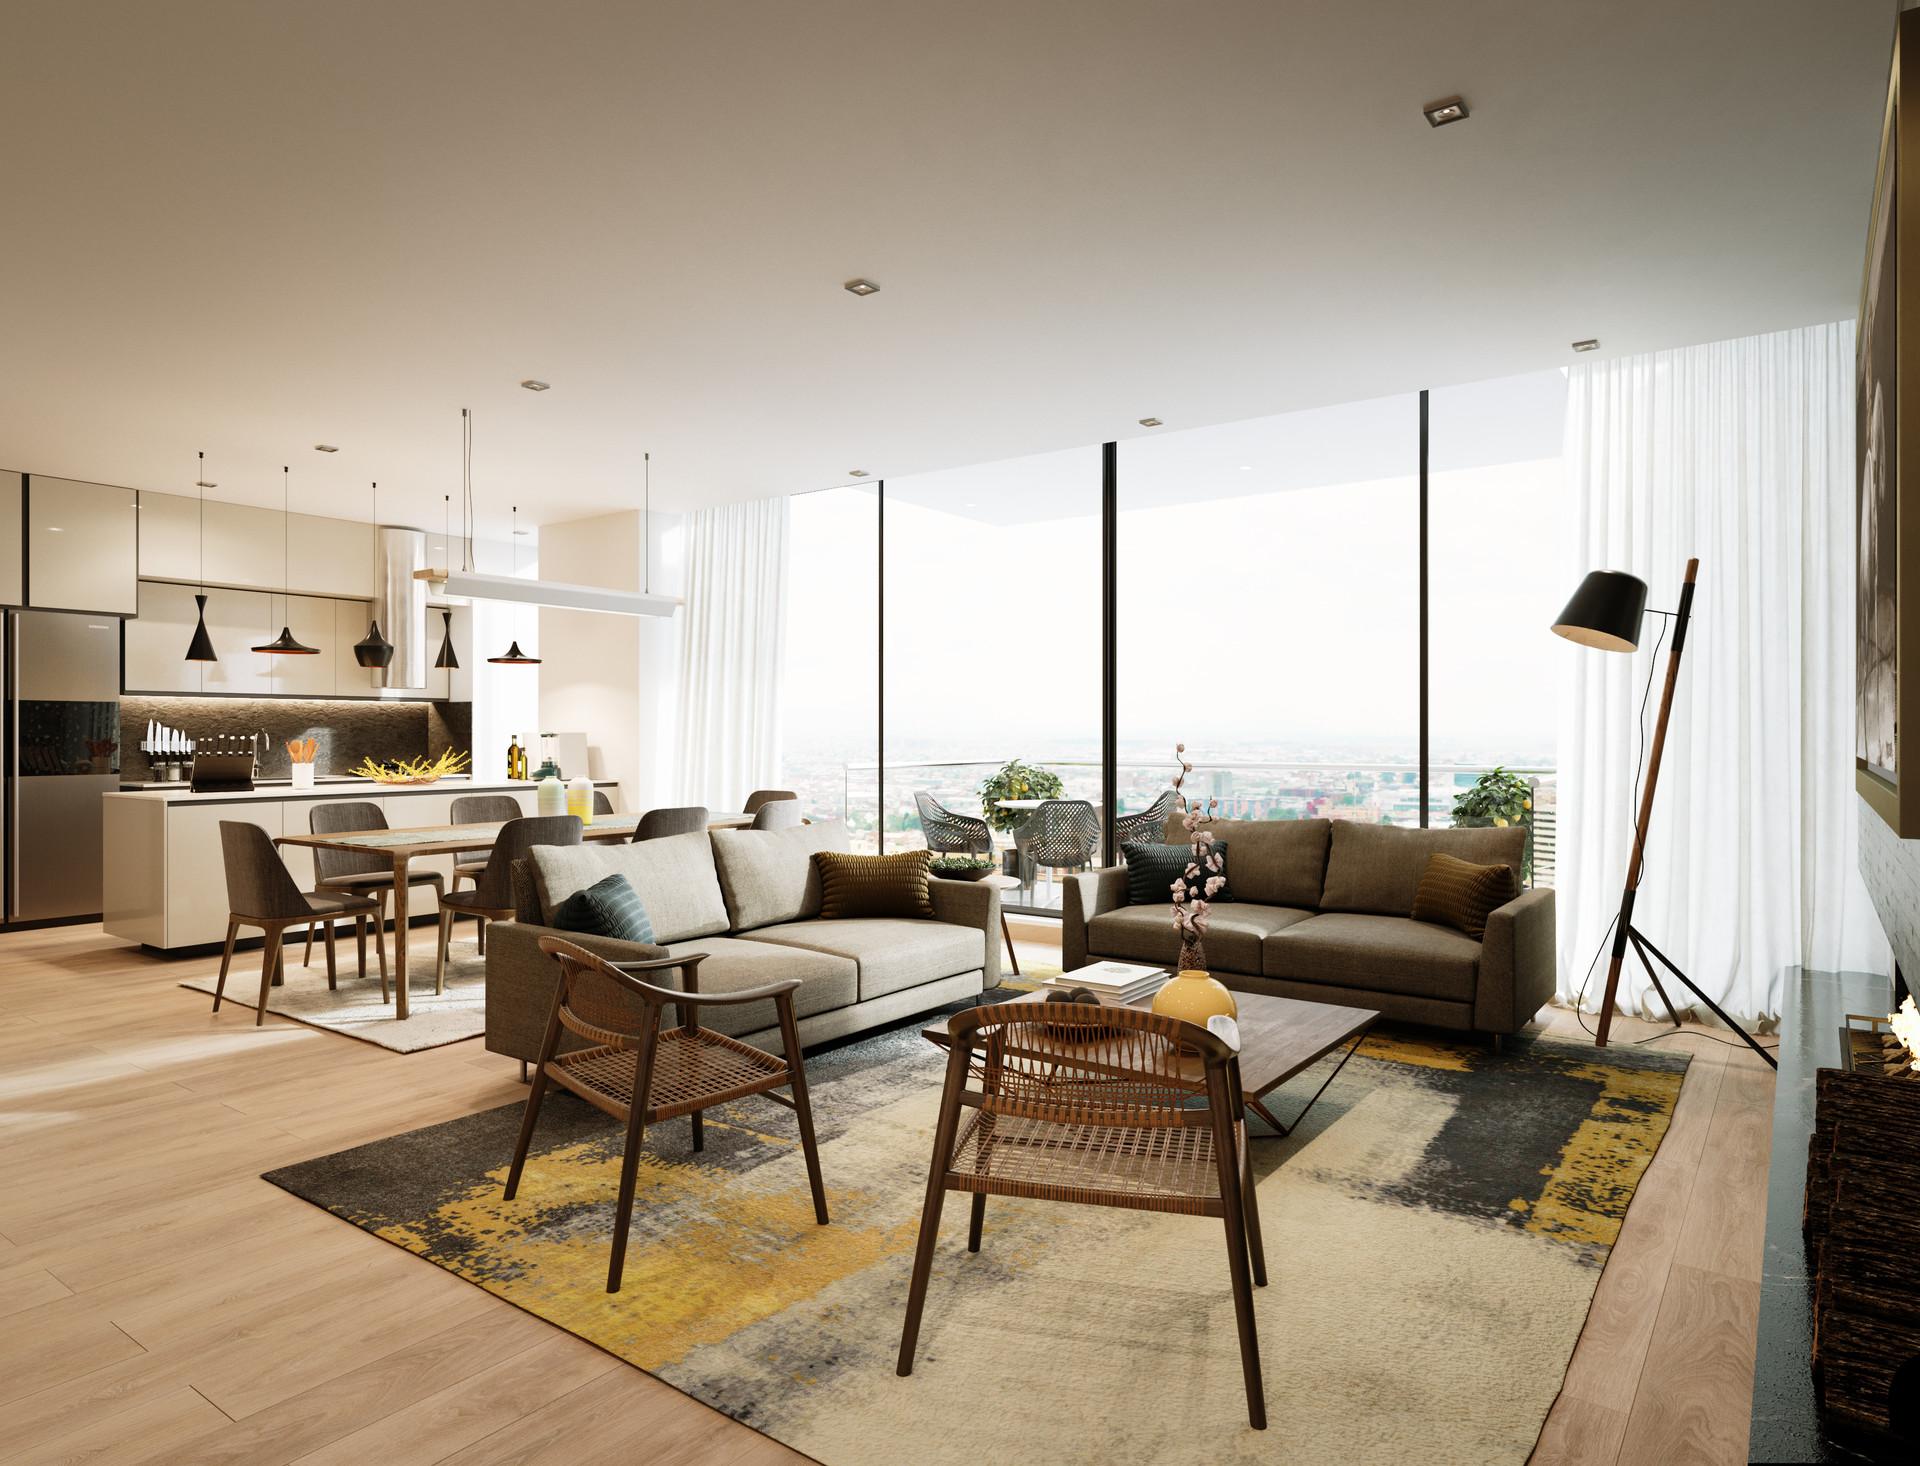 santa_ana_apartments.jpg